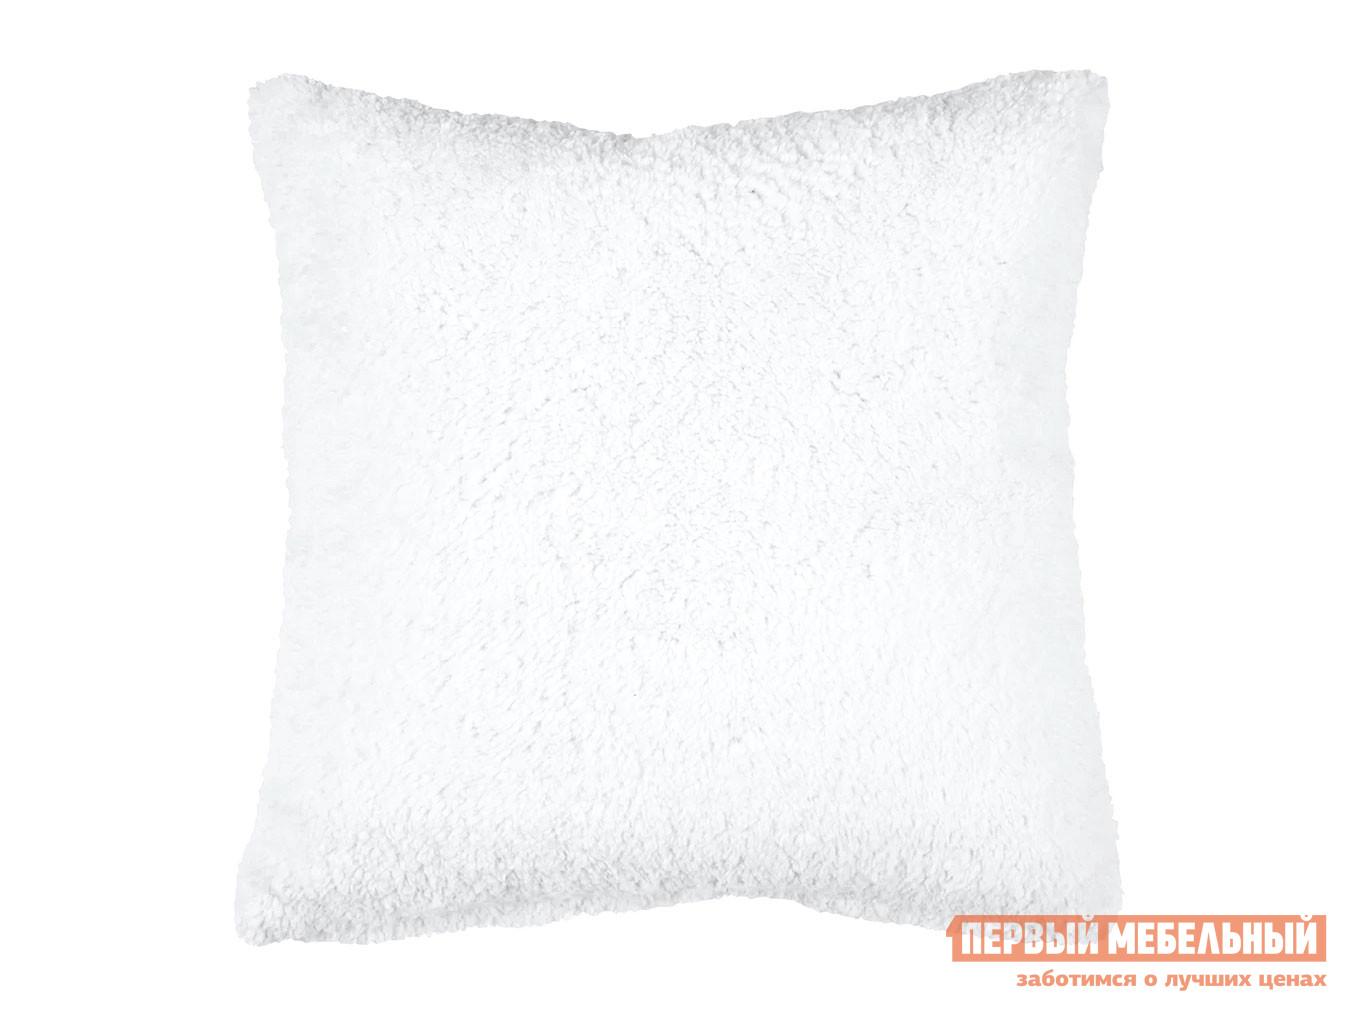 Декоративная подушка  Подушка 40х40 декоративная шерпа Белый — Подушка 40х40 декоративная шерпа Белый